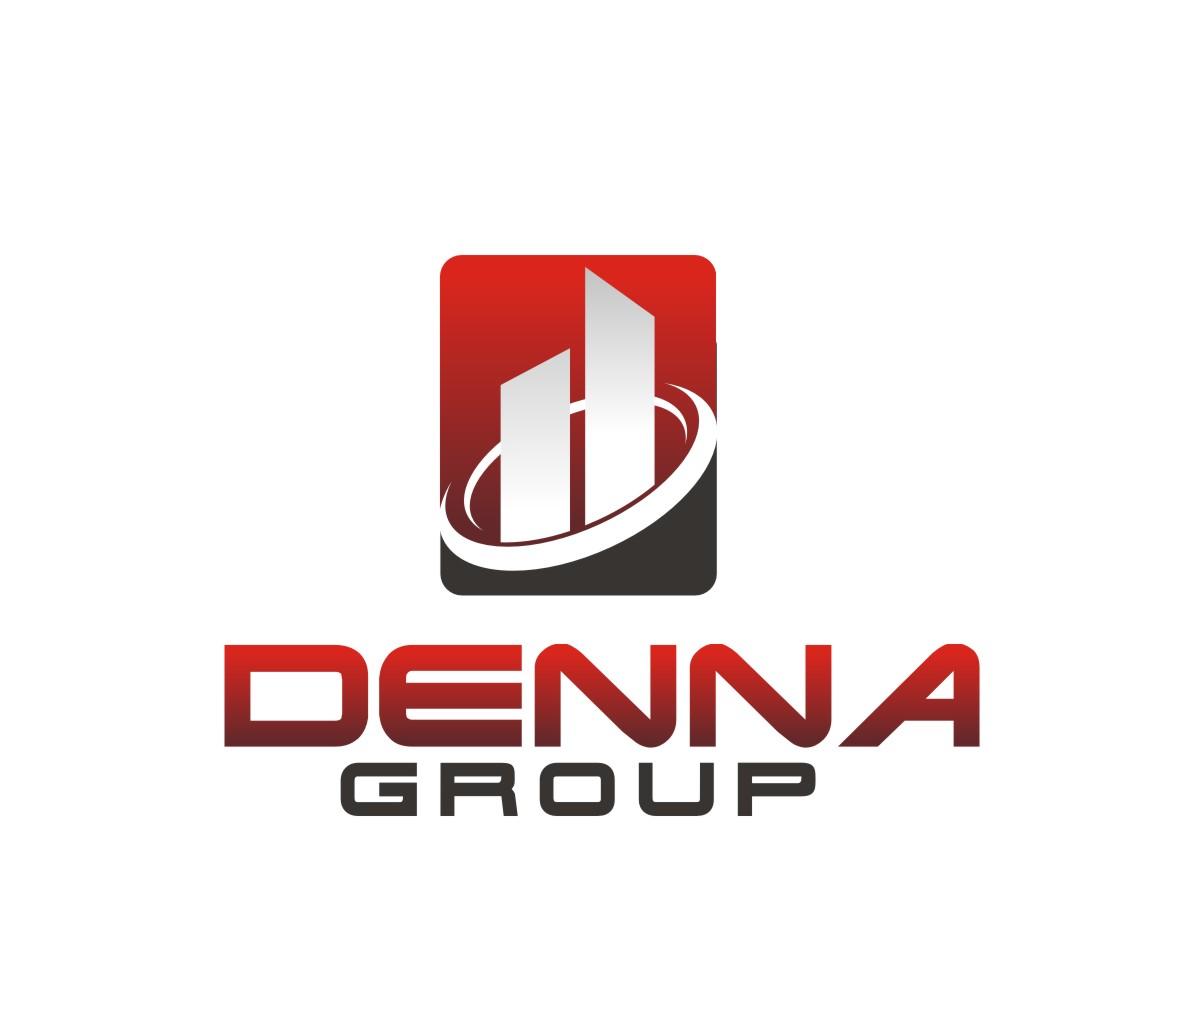 Logo Design by Reivan Ferdinan - Entry No. 101 in the Logo Design Contest Denna Group Logo Design.